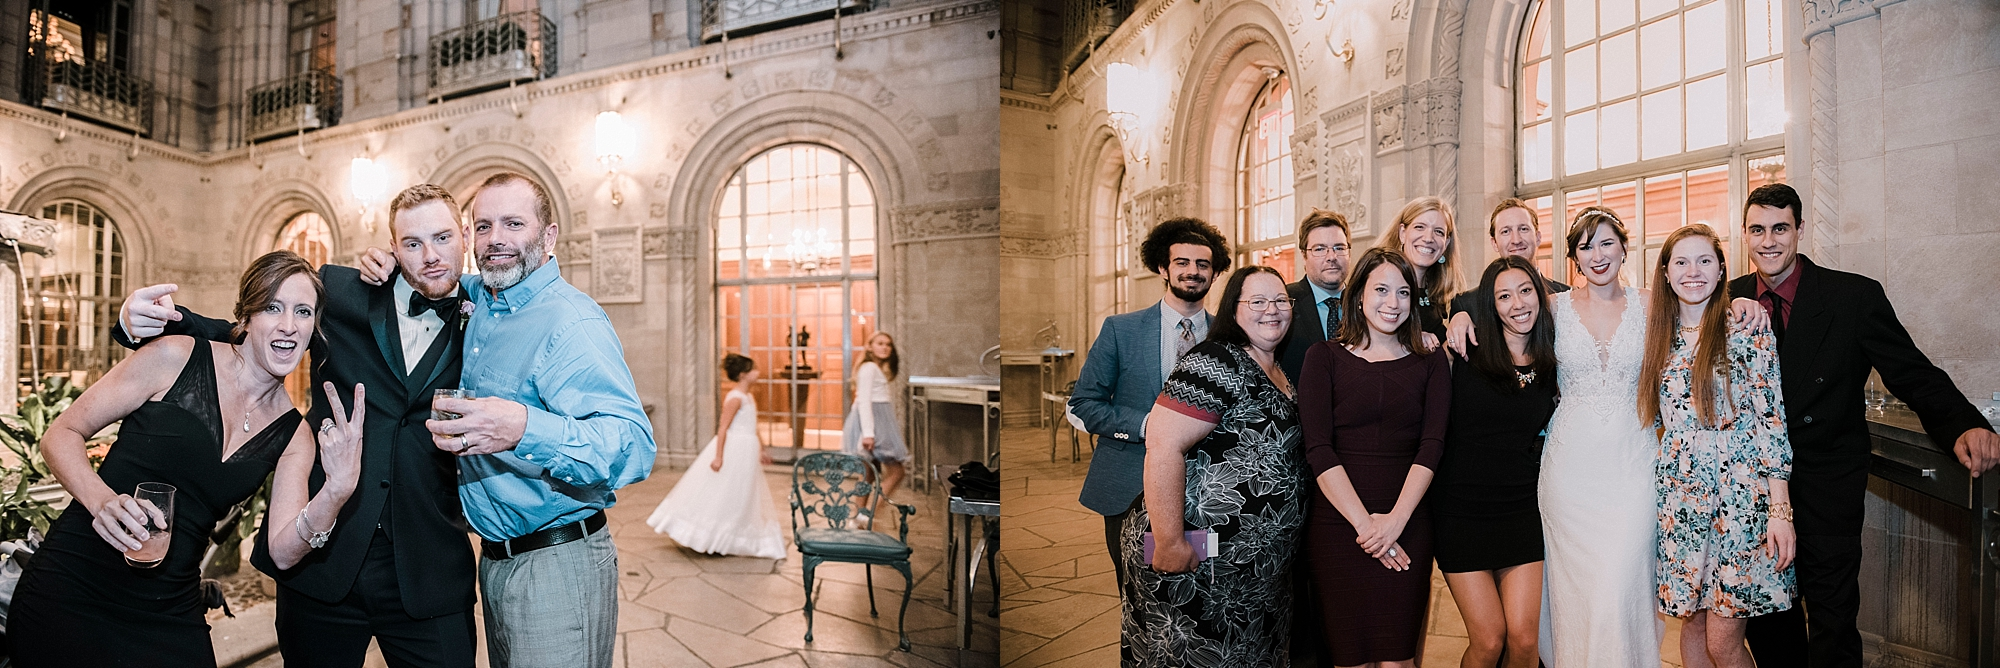 Duquesne-club-wedding-Pittsburgh_0072.jpg